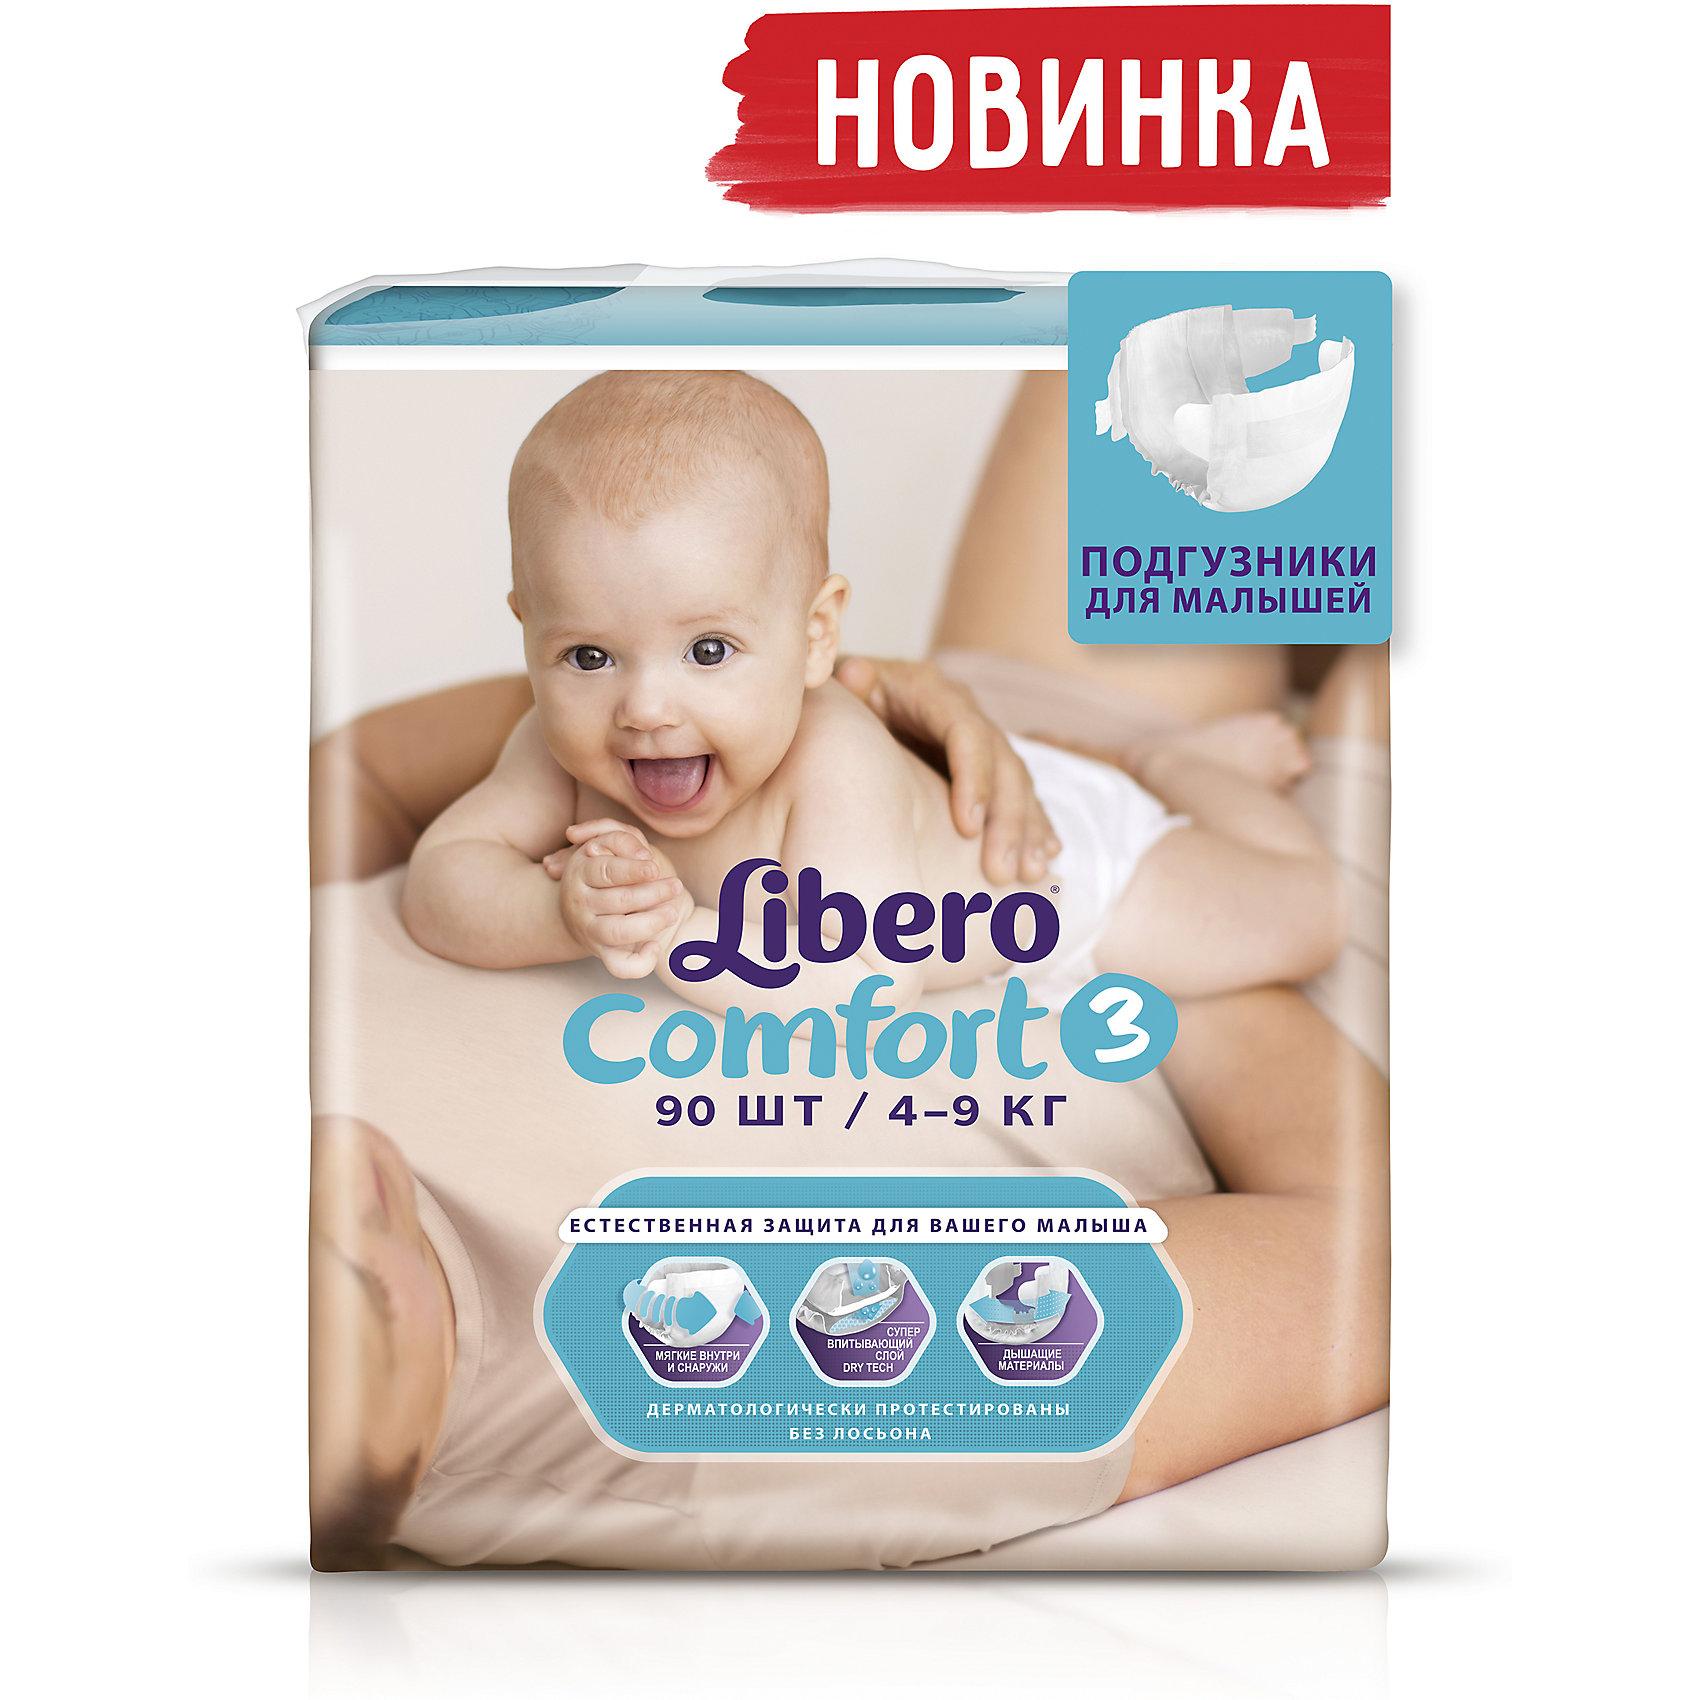 Подгузники Comfort, Mega Plus Midi 4-9 кг (3), 90 шт., LiberoПодгузники Libero Comfort (Либеро Комфорт) Zoo Collection Size 3 (4-9кг), 90 шт.<br><br>Характеристики: <br><br>• мягкие и тонкие подгузники<br>• отлично впитывают и удерживают влагу<br>• дышащие материалы<br>• барьеры вокруг ножек защищают от протекания<br>• не сковывают движений<br>• анатомические резиночки<br>• 2 ярких дизайна в каждой упаковке<br>• размер: 3 (4-9 кг)<br>• количество в упаковке: 90 шт.<br><br>Подгузники Libero Comfort из коллекции Зоопарк идеально подойдут для самых активных малышей. Подгузники имеют приятный дизайн, который понравится и ребенку, и родителям: 2 разные расцветки в каждой упаковке. Предложите малышу изучить животных, расскажите интересную историю, и кроха с радостью согласиться переодеться.  Несмотря на небольшую толщину, подгузники отлично впитывают и удерживают влагу, не сковывая движений крохи. Барьеры вокруг ножек и эластичный пояс предотвратят возможные протекания. Многоразовая застежка позволит вам застегнуть подгузник повторно с случае необходимости.  С этими трусиками-подгузниками процесс переодевания превратится в настоящую игру!<br><br>Подгузники Libero Comfort Zoo Collection Size 3 (4-9кг), 90 шт вы можете приобрести в нашем интернет-магазине.<br><br>Ширина мм: 127<br>Глубина мм: 285<br>Высота мм: 440<br>Вес г: 2795<br>Возраст от месяцев: 0<br>Возраст до месяцев: 9<br>Пол: Унисекс<br>Возраст: Детский<br>SKU: 3517621